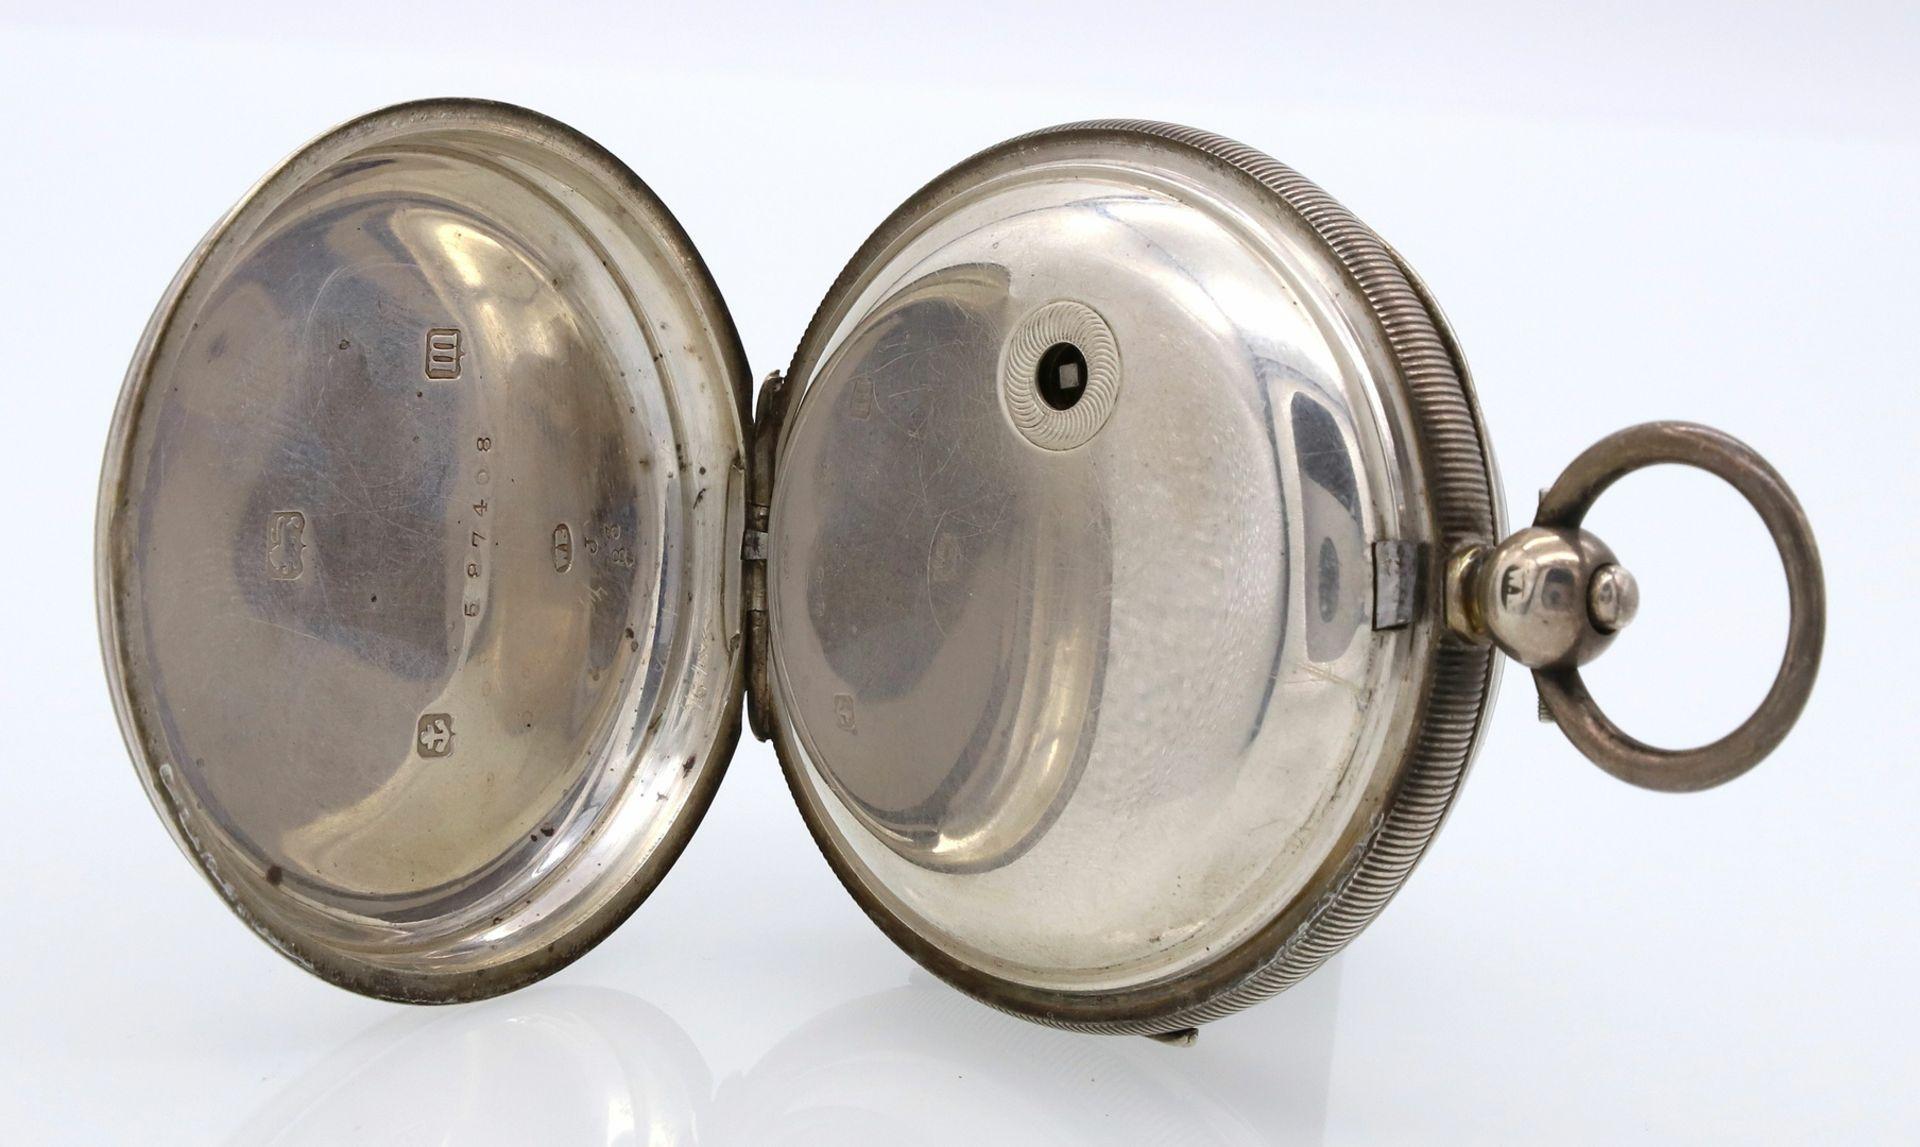 James Reid & Brothers Silber Taschenuhr, 1911 - Bild 5 aus 6